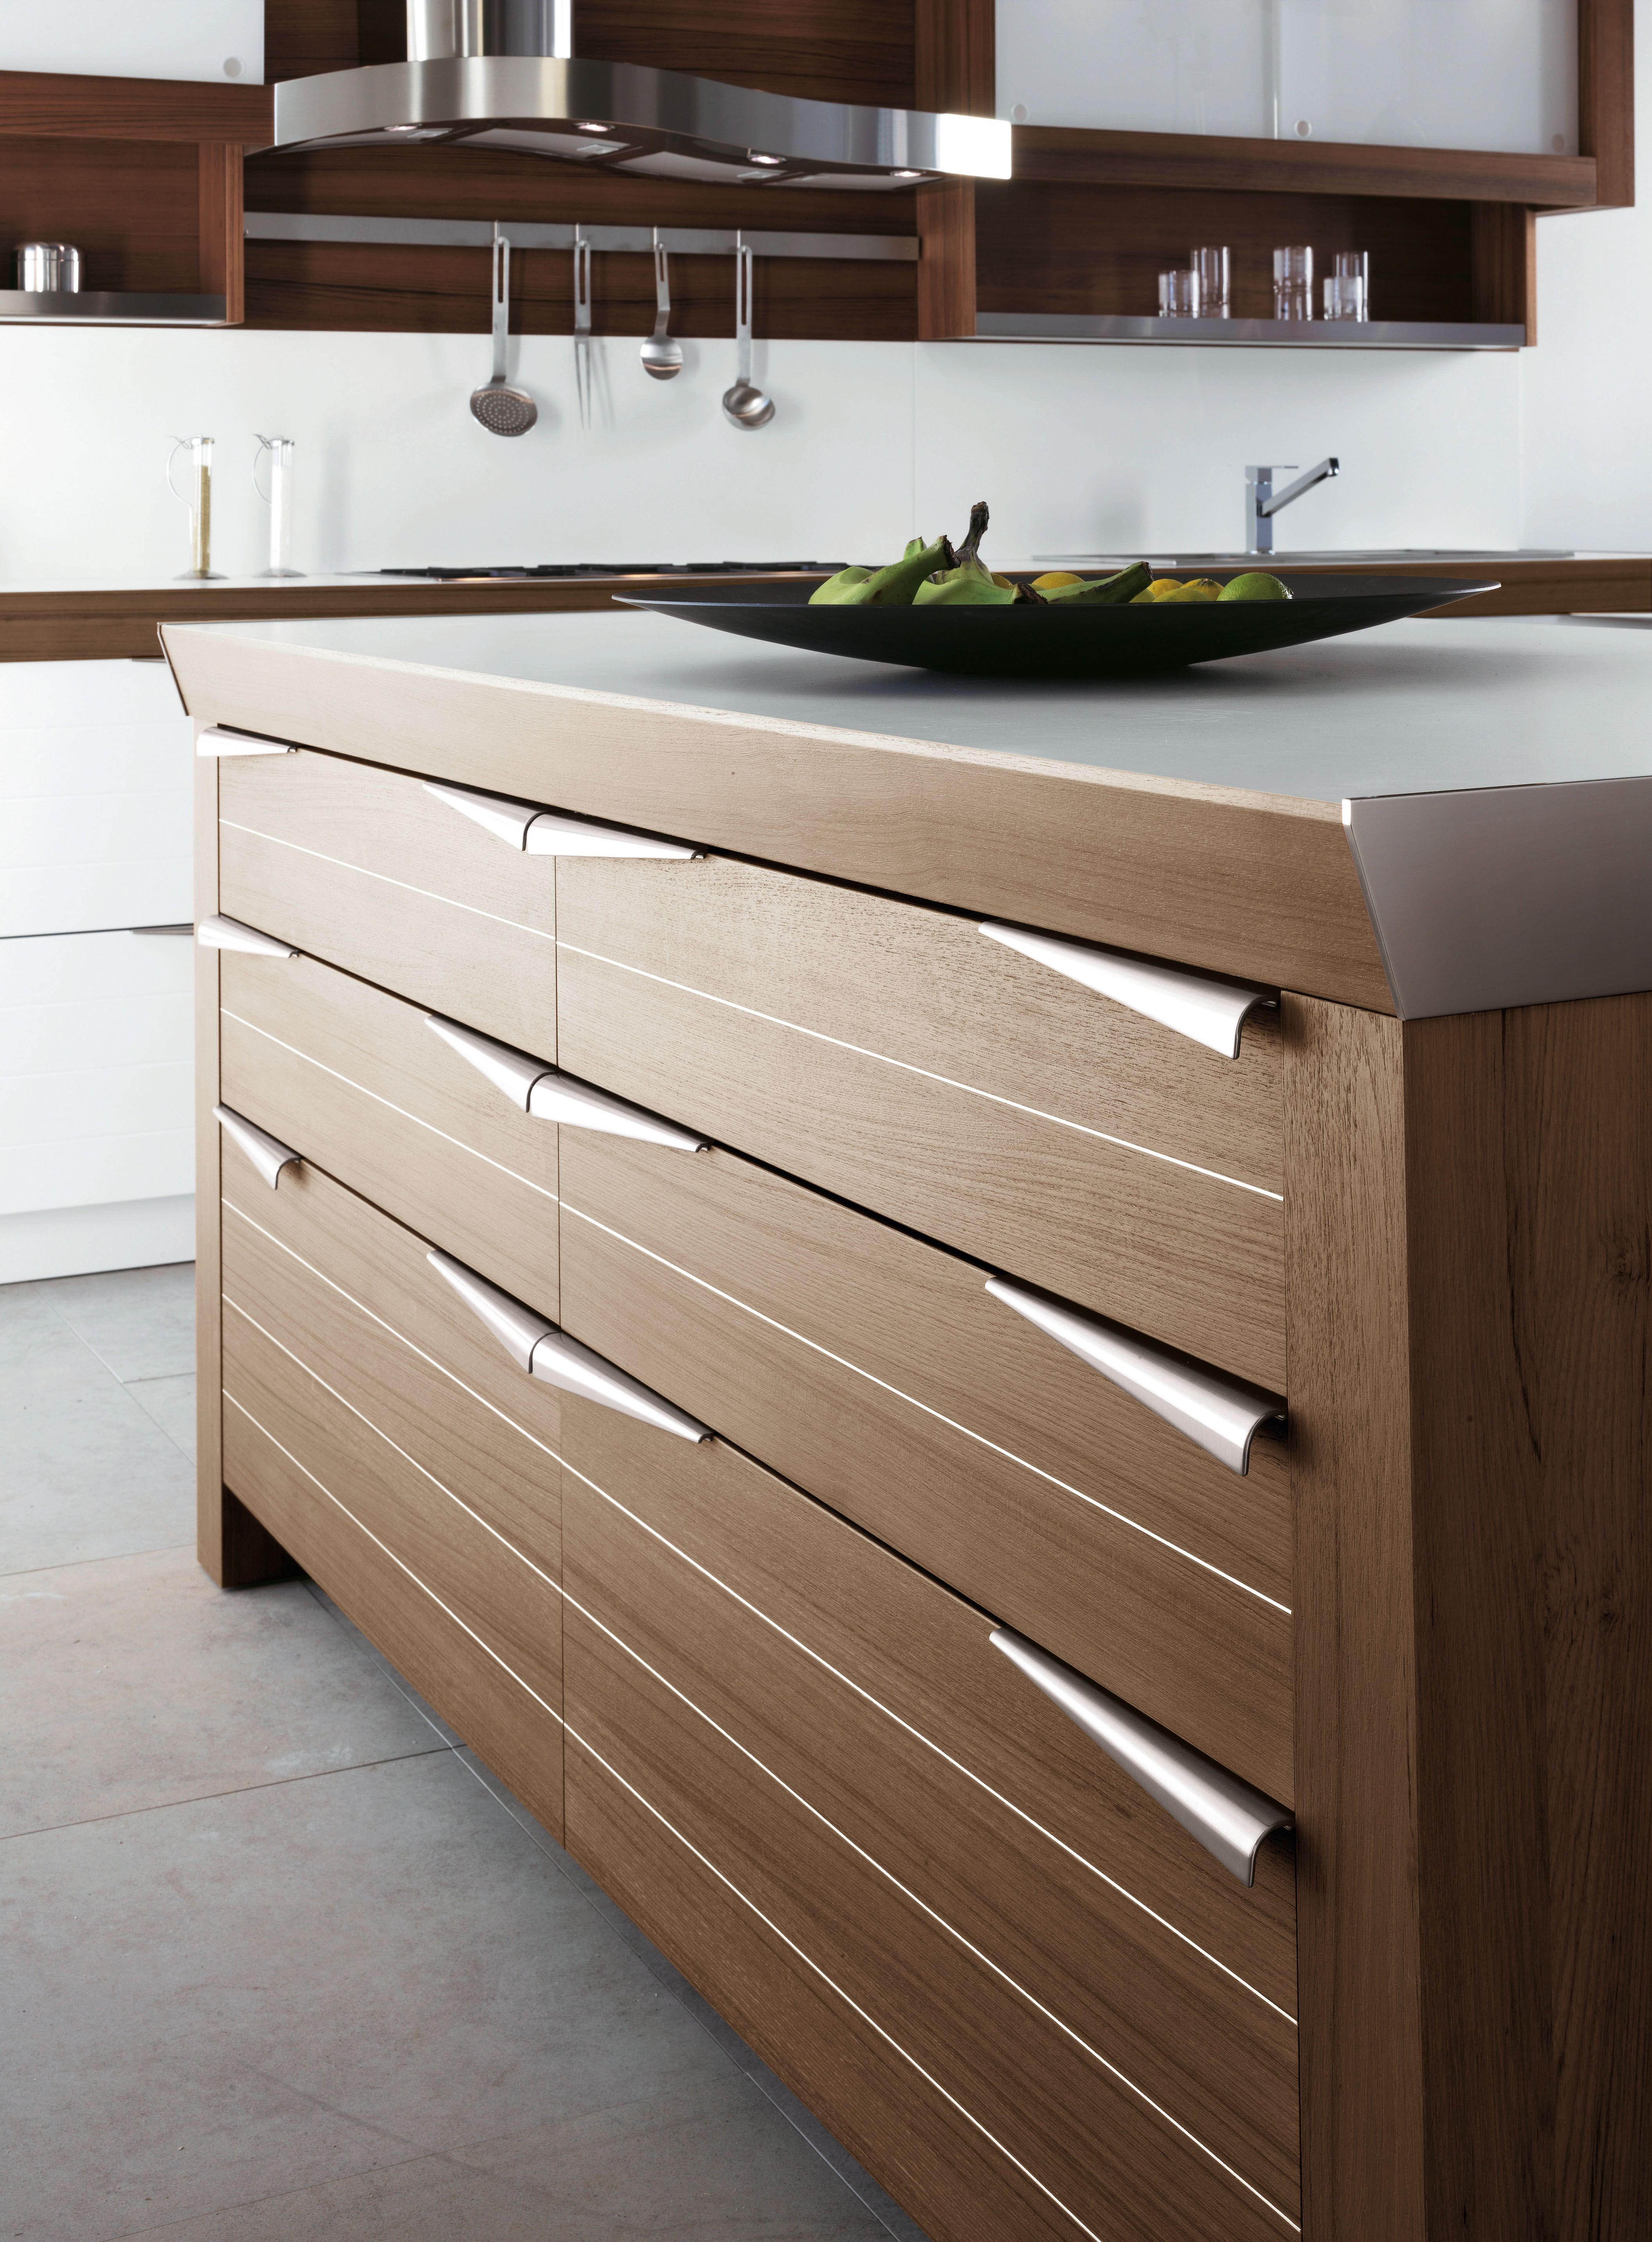 Snaidero #Cucine #Kitchen. Time, Lucci & Orlandini Design. Slatted ...